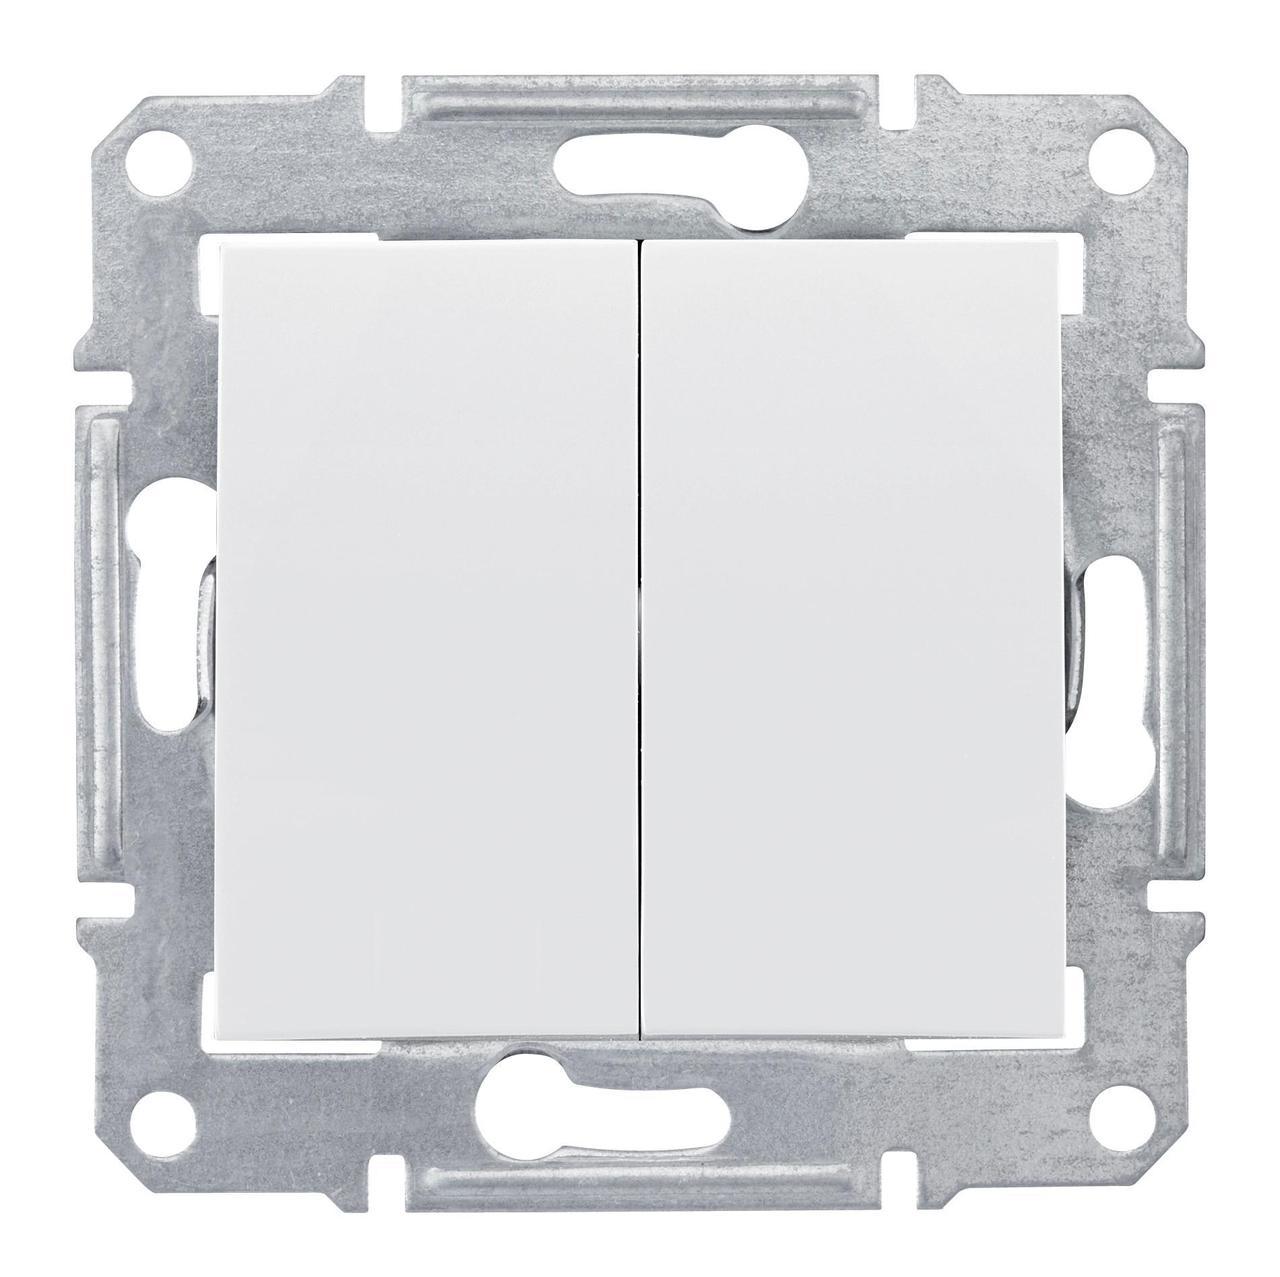 Выключатель 2-клавишный , Белый, серия Sedna, Schneider Electric